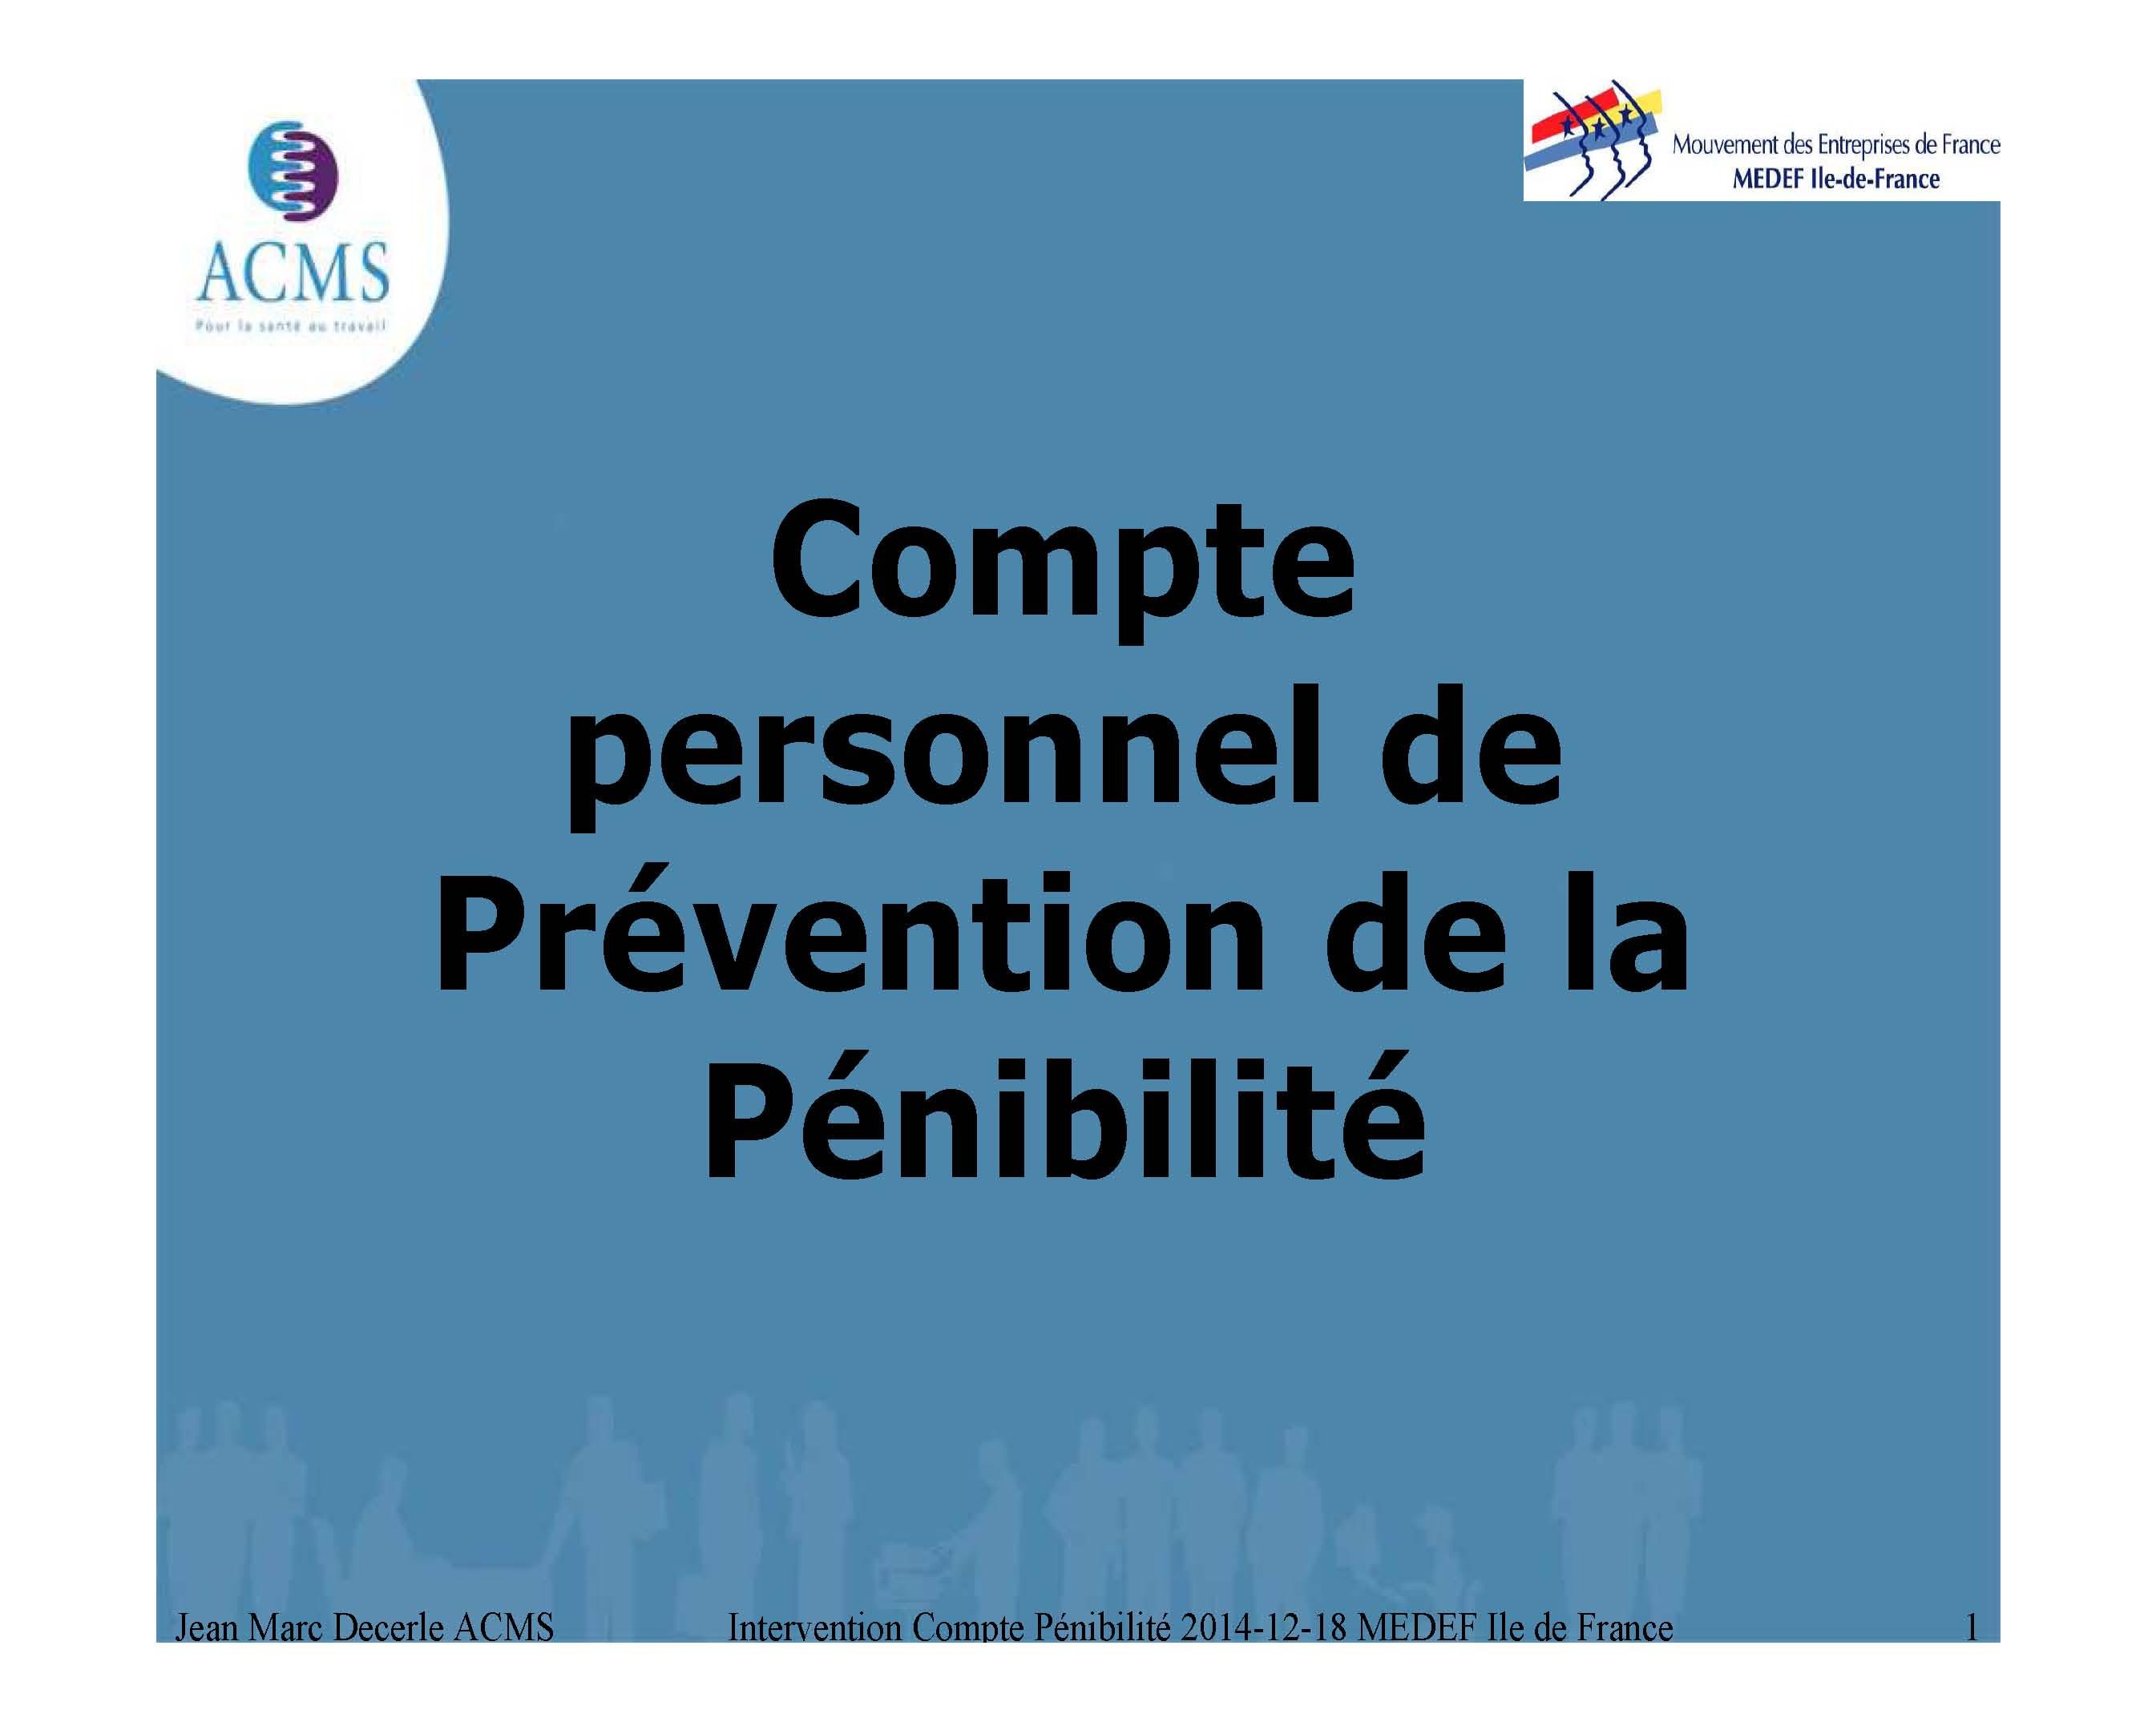 2014-12-18 Compte Pénibilite MEDEF Ile de France_Page_01